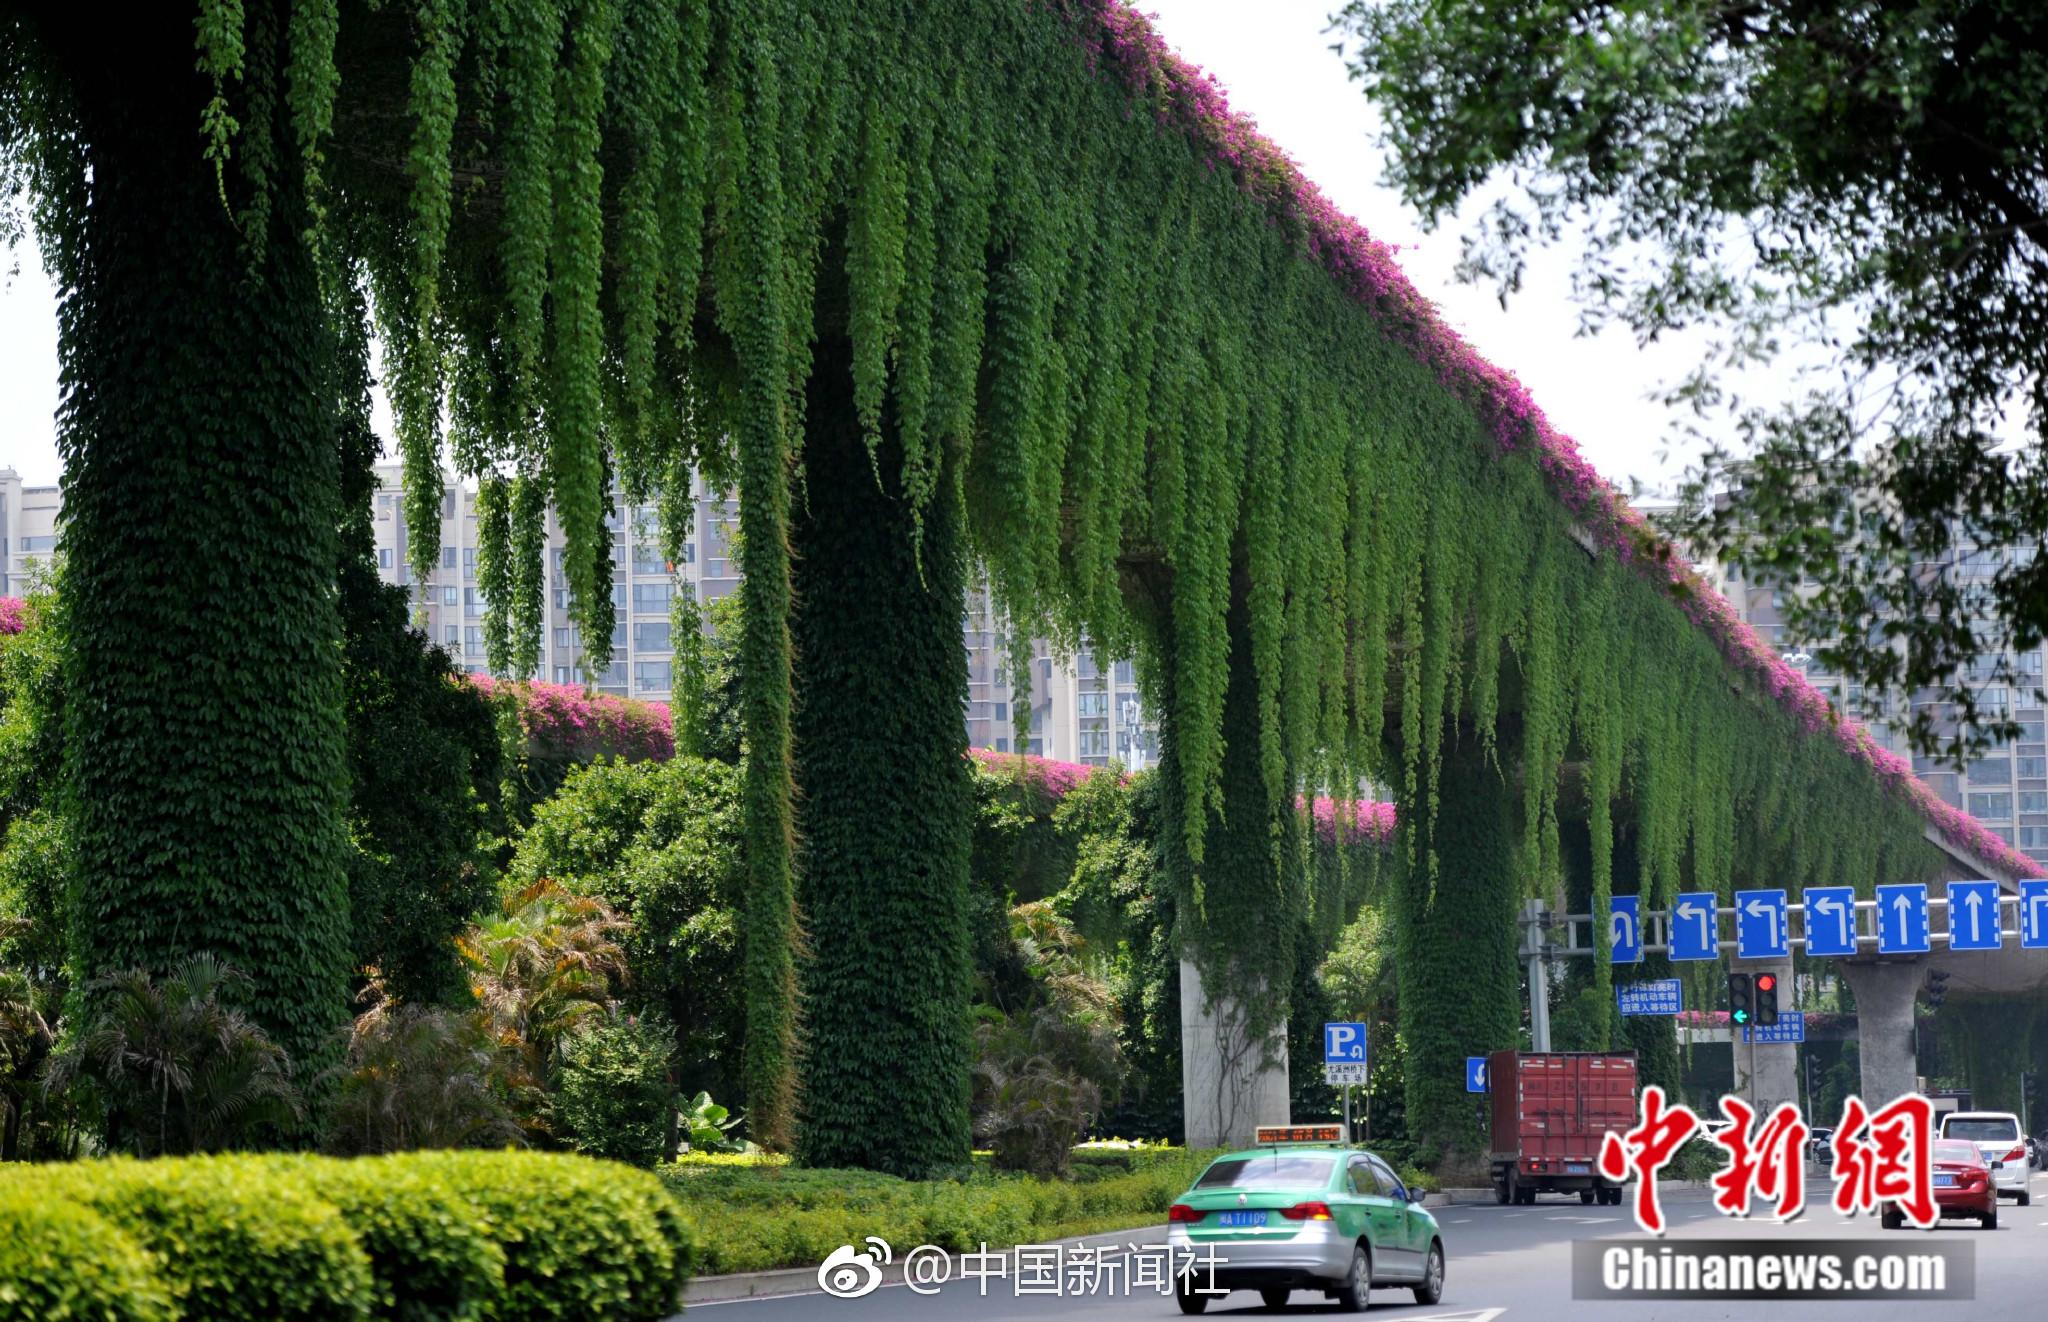 北京:海淀已确诊13例 仅次于丰台、大兴